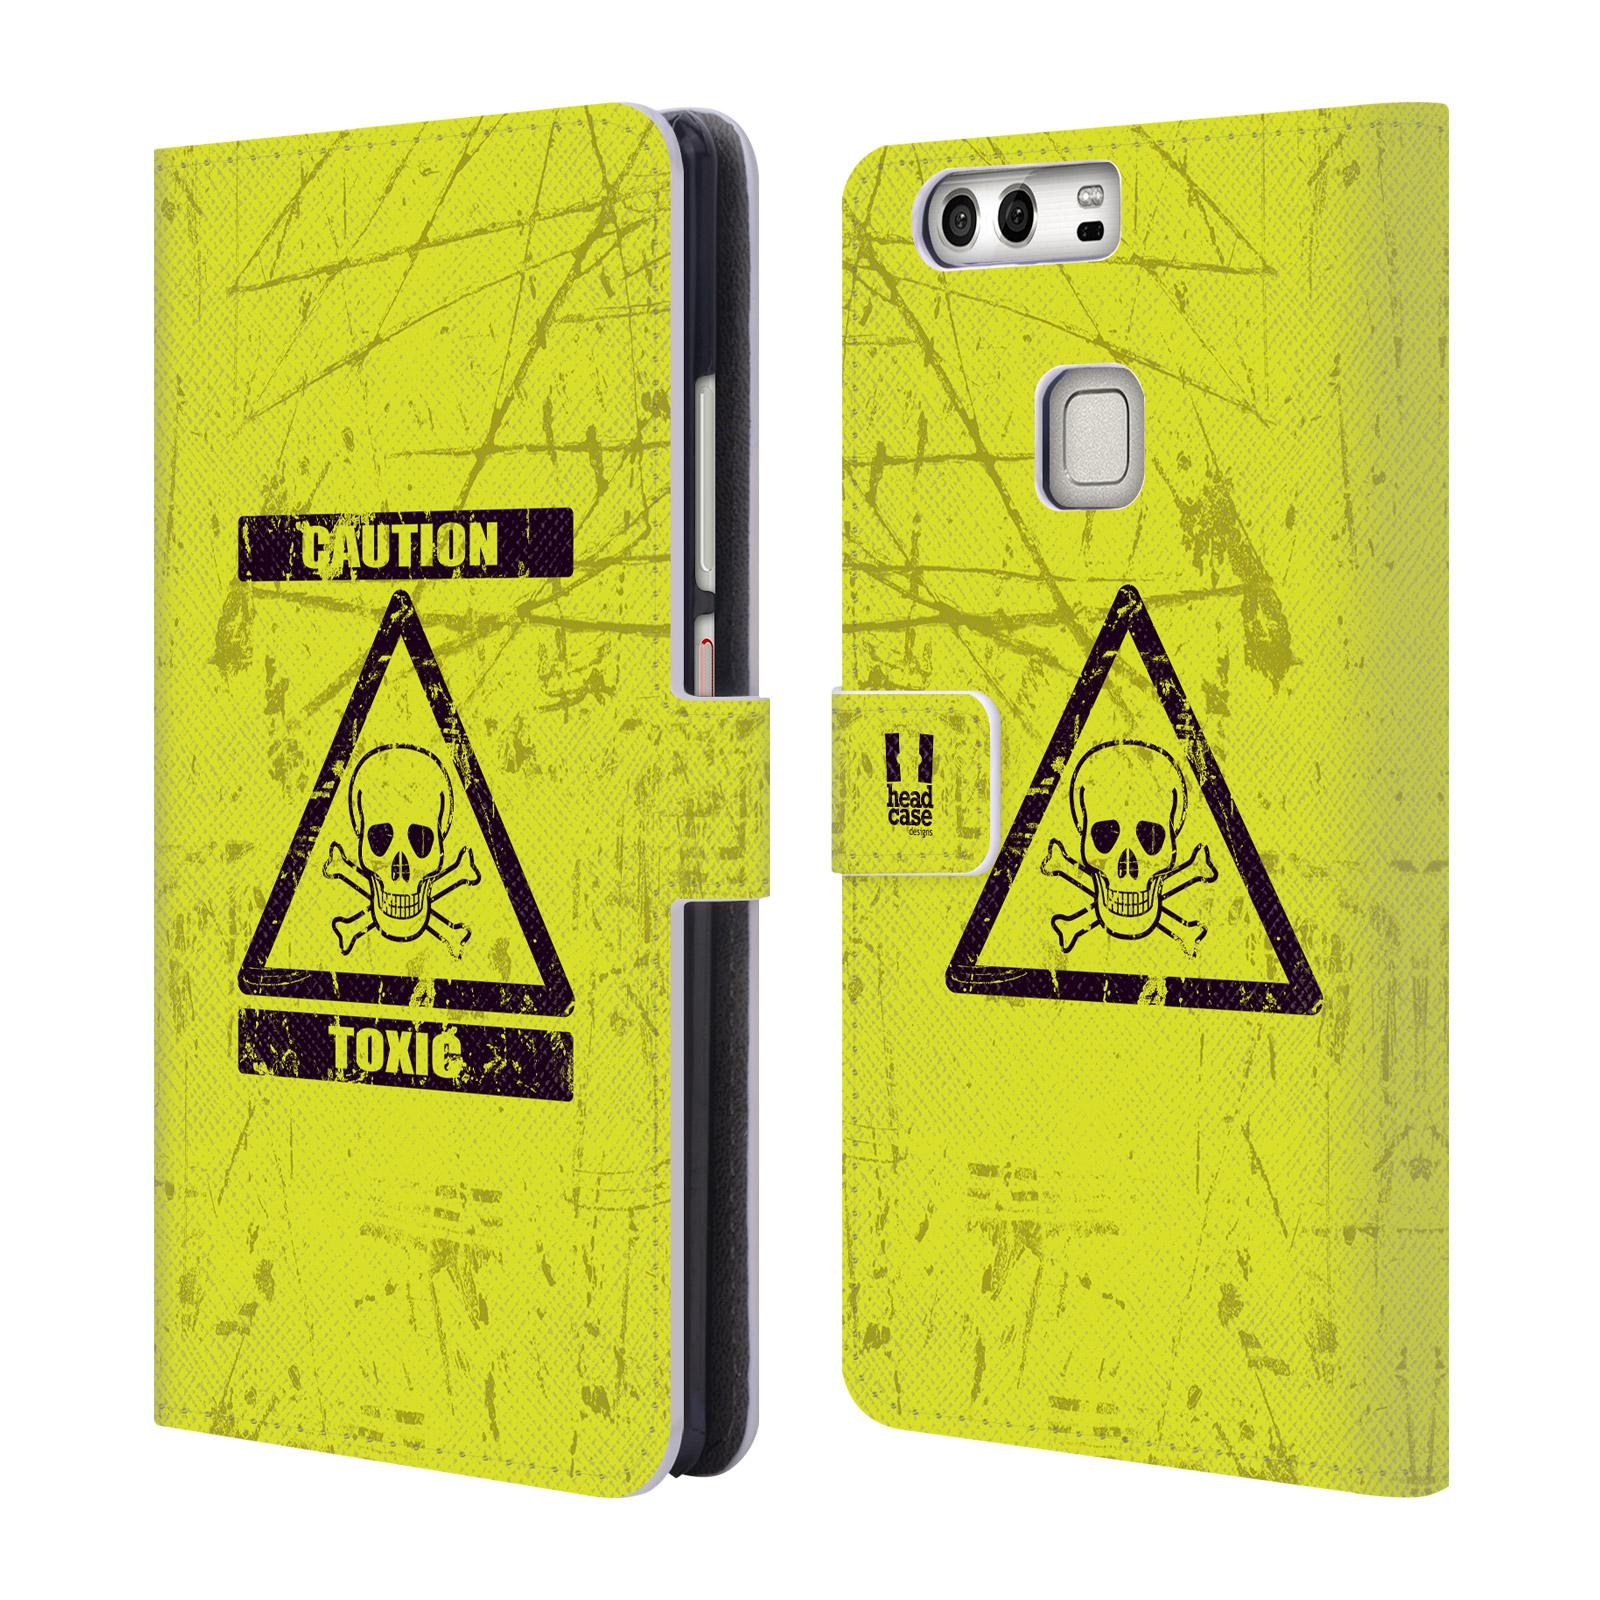 Flipové pouzdro na mobil Huawei P9 Plus HEAD CASE Toxic (Flipový vyklápěcí kryt či obal z umělé kůže na mobilní telefon Huawei P9 Plus)